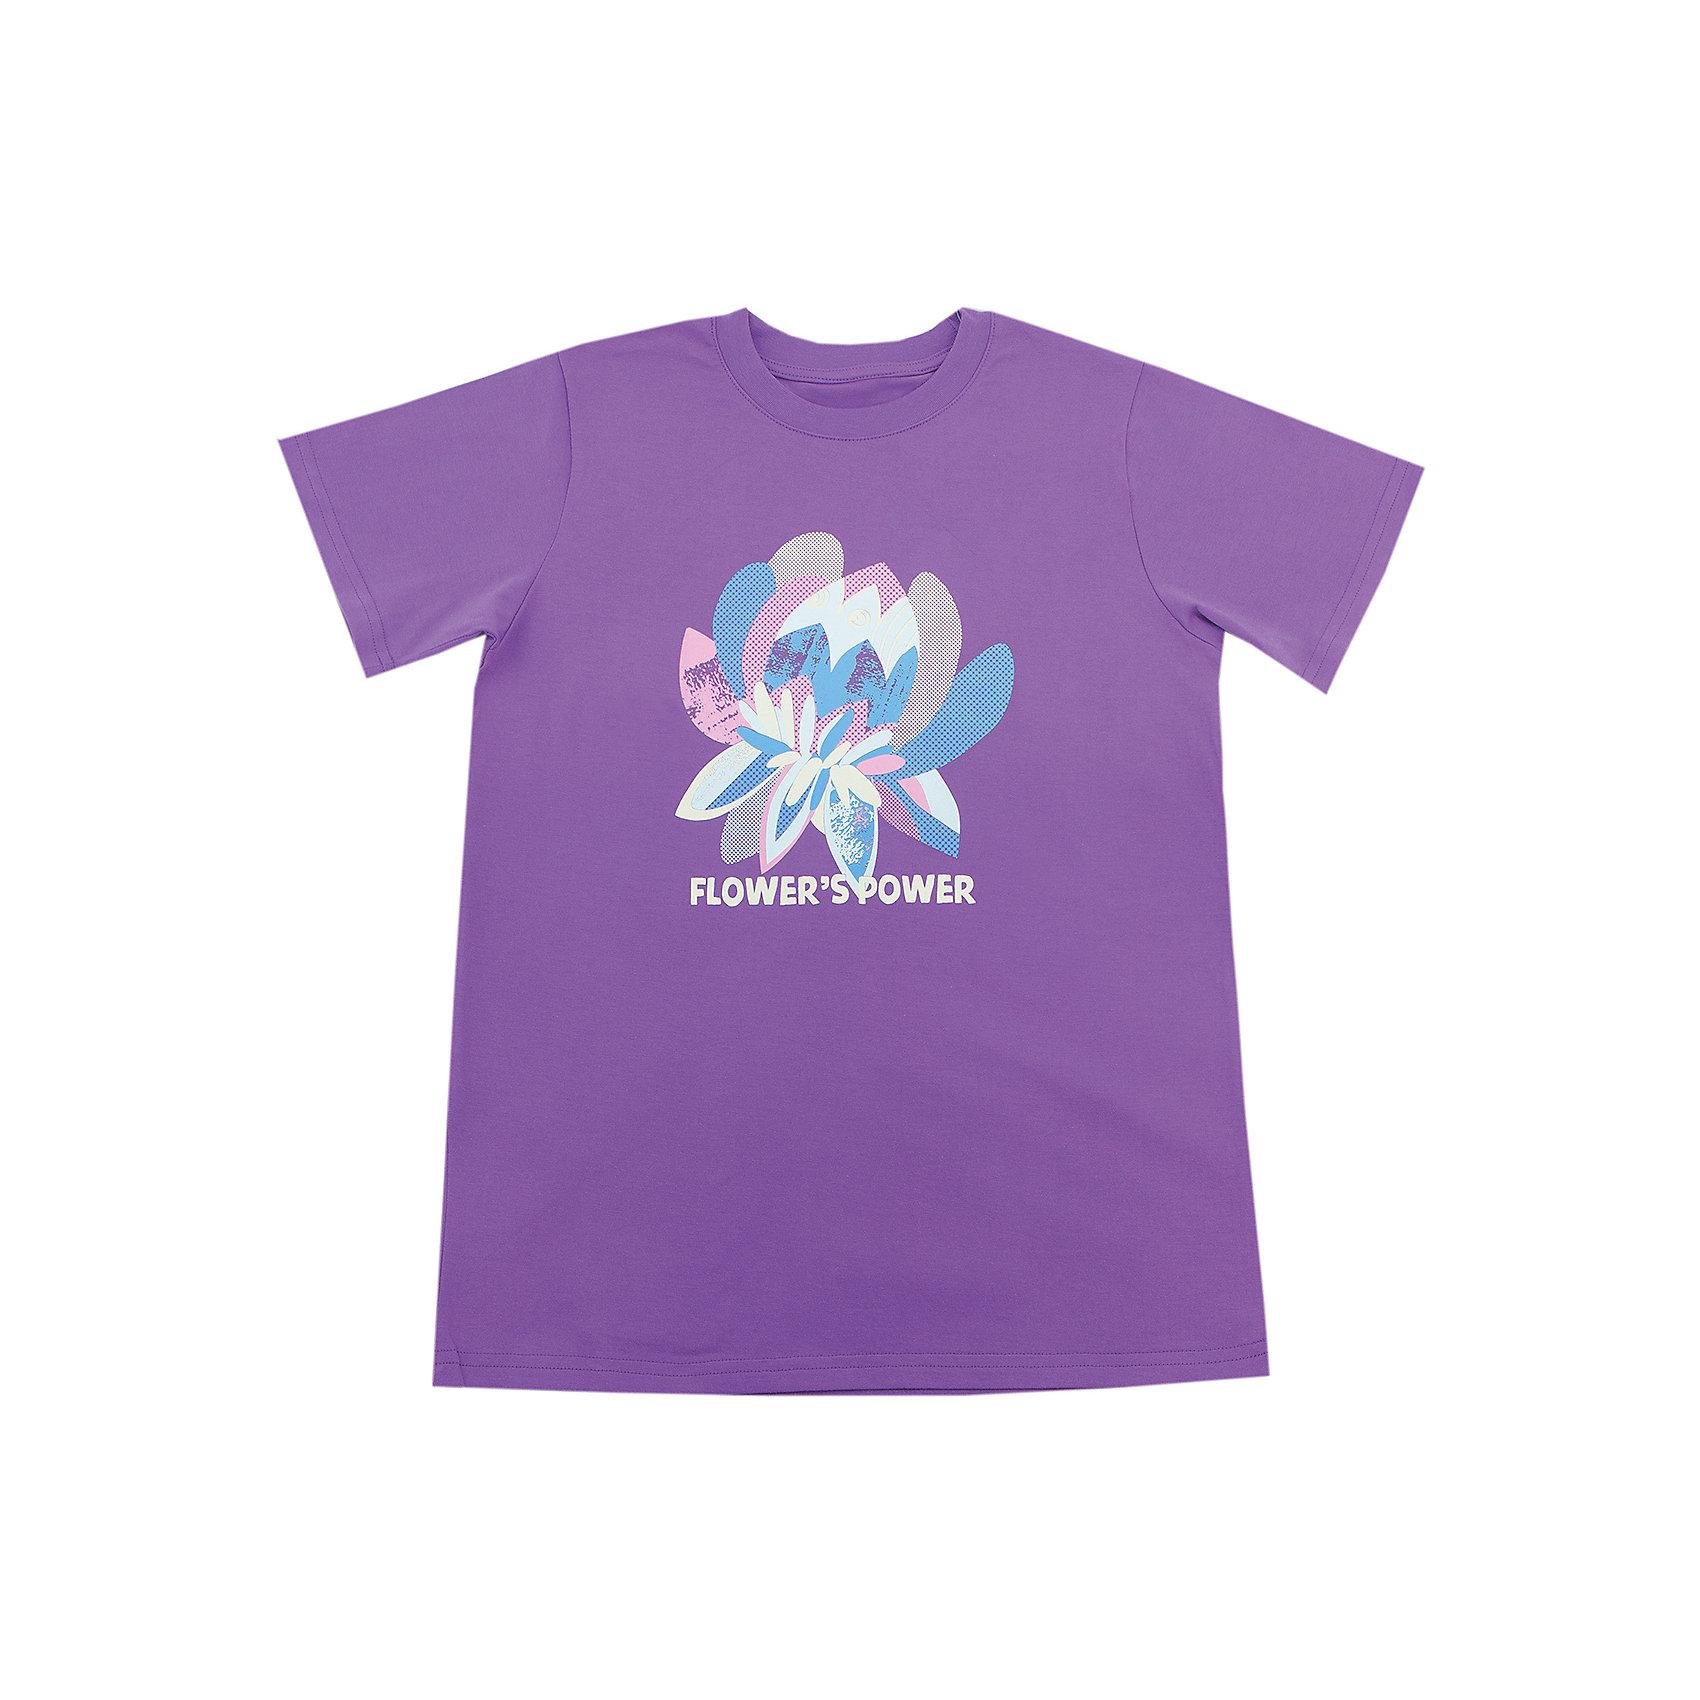 Футболка для девочки WOWФутболки, поло и топы<br>Футболка для девочки WOW<br>Незаменимой вещью в  гардеробе послужит футболка с коротким рукавом. Стильная и в тоже время комфортная модель, с яркой оригинальной печатью, будет превосходно смотреться на ребенке.<br>Состав:<br>кулирная гладь 100% хлопок<br><br>Ширина мм: 199<br>Глубина мм: 10<br>Высота мм: 161<br>Вес г: 151<br>Цвет: лиловый<br>Возраст от месяцев: 144<br>Возраст до месяцев: 156<br>Пол: Женский<br>Возраст: Детский<br>Размер: 158,164,128,134,140,146,152<br>SKU: 6871779